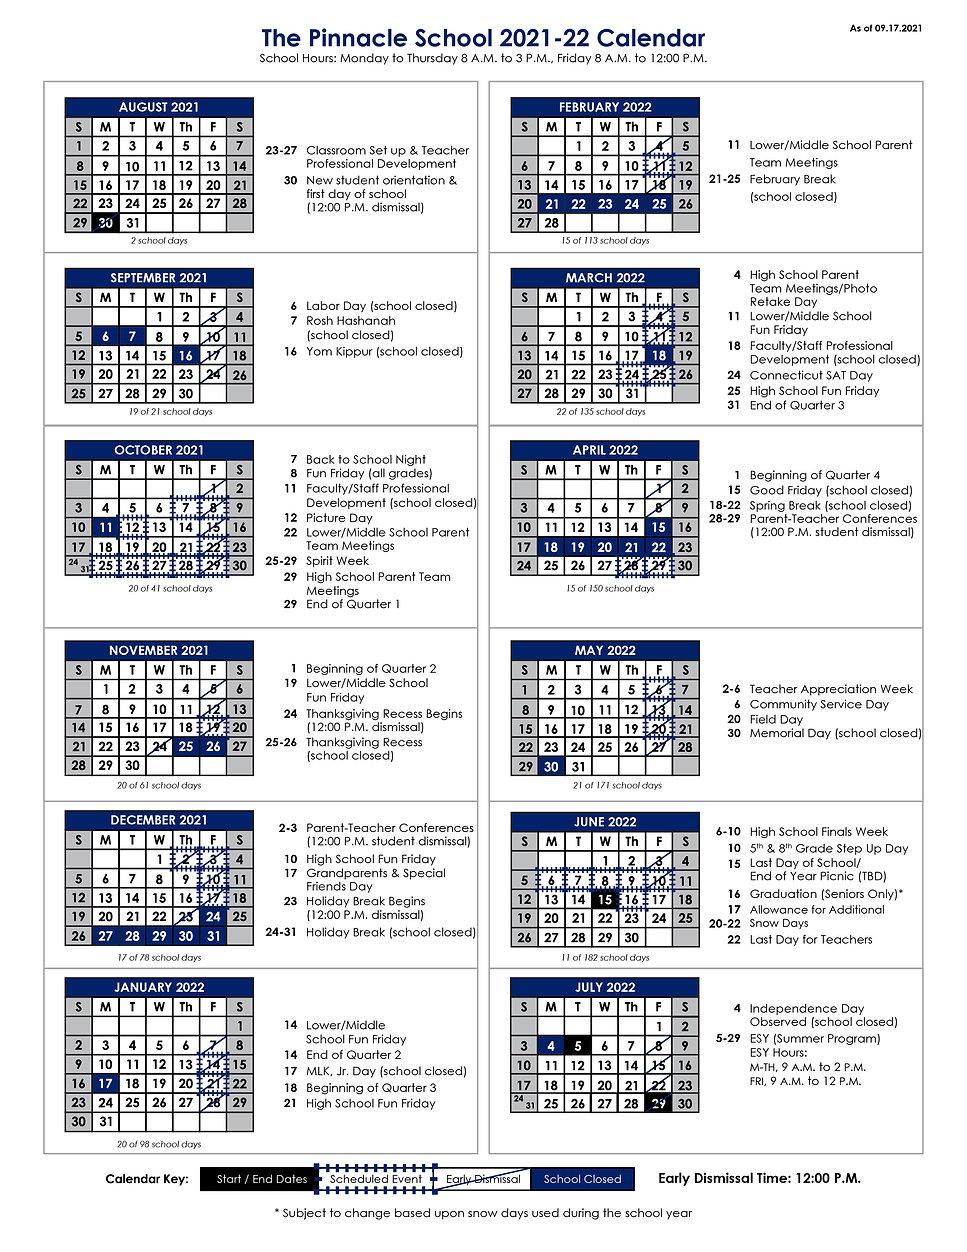 The Pinnacle School_2021-22 Calendar-01.jpg